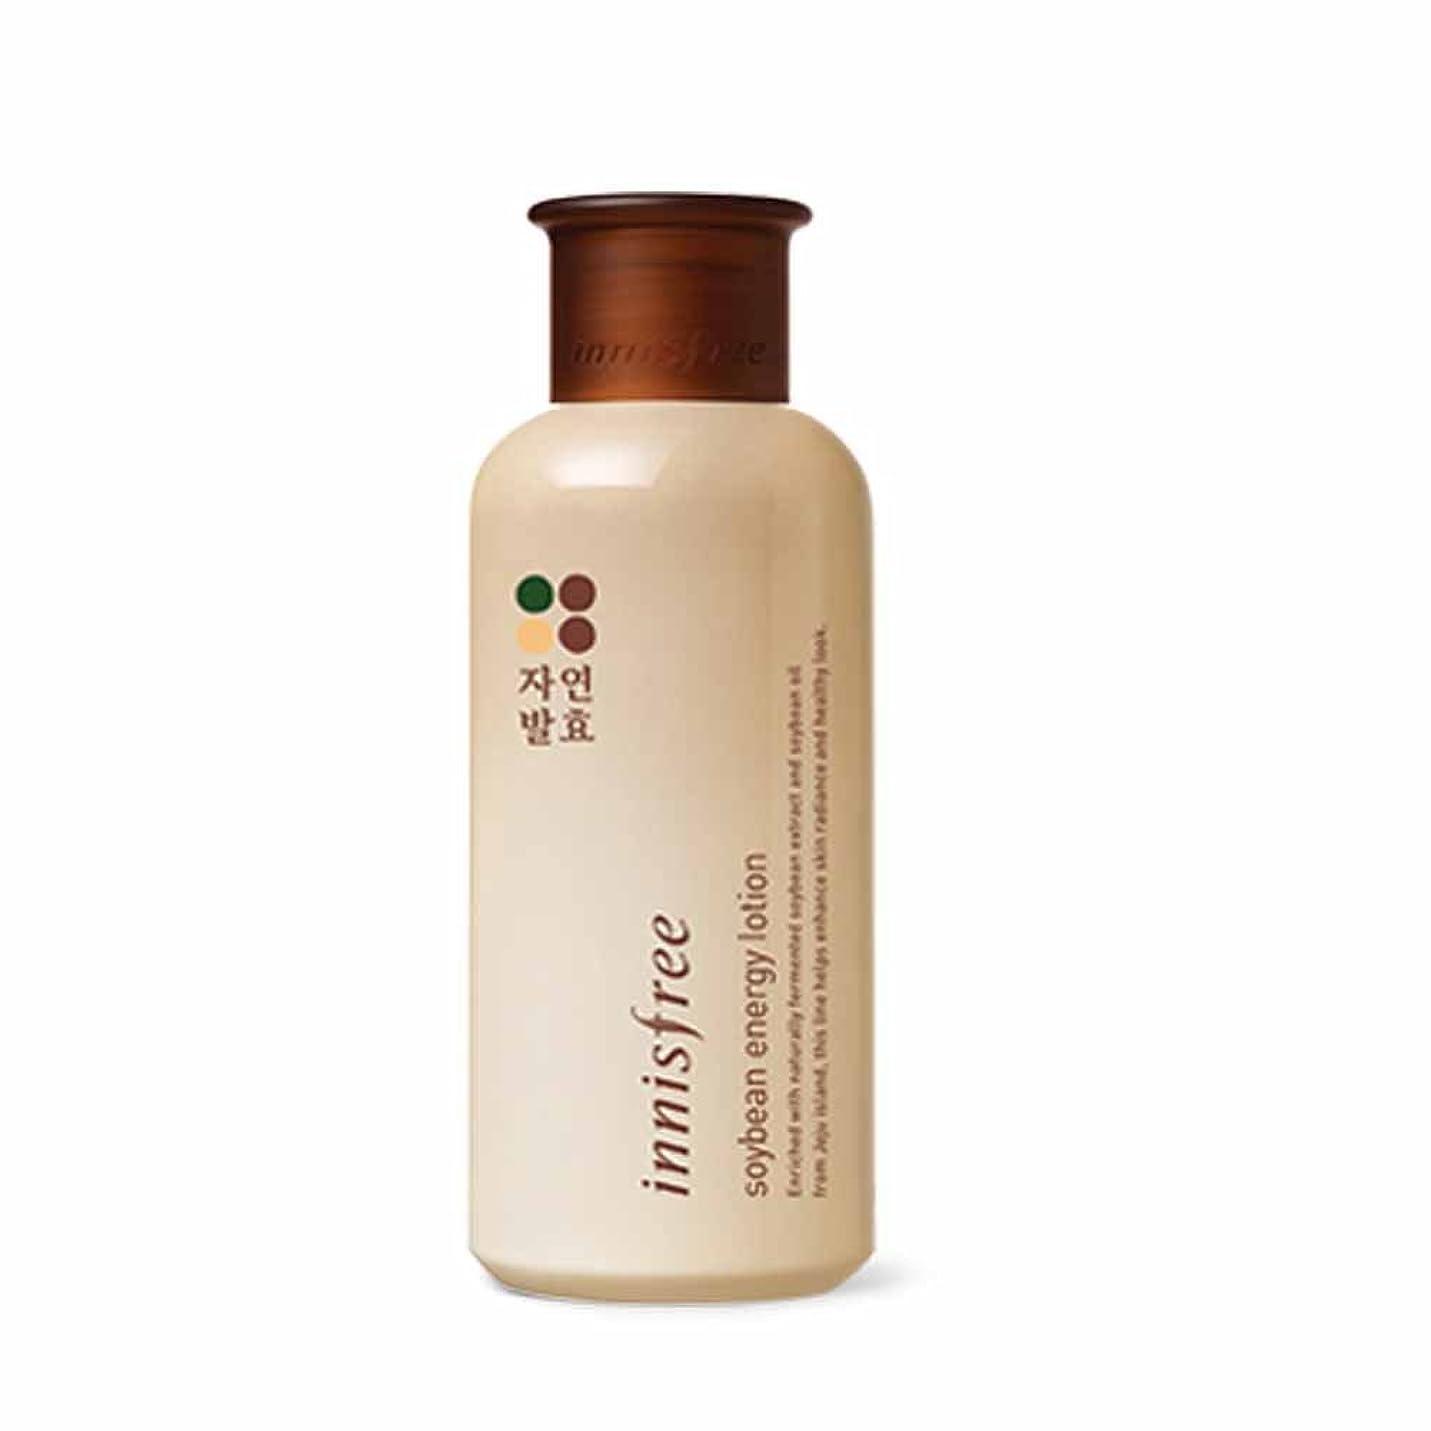 ウェブ修正リンスイニスフリーソイビーンエナジースキン(トナー)200ml / Innisfree Soybean Energy Skin(Toner) 200ml[海外直送品][並行輸入品]